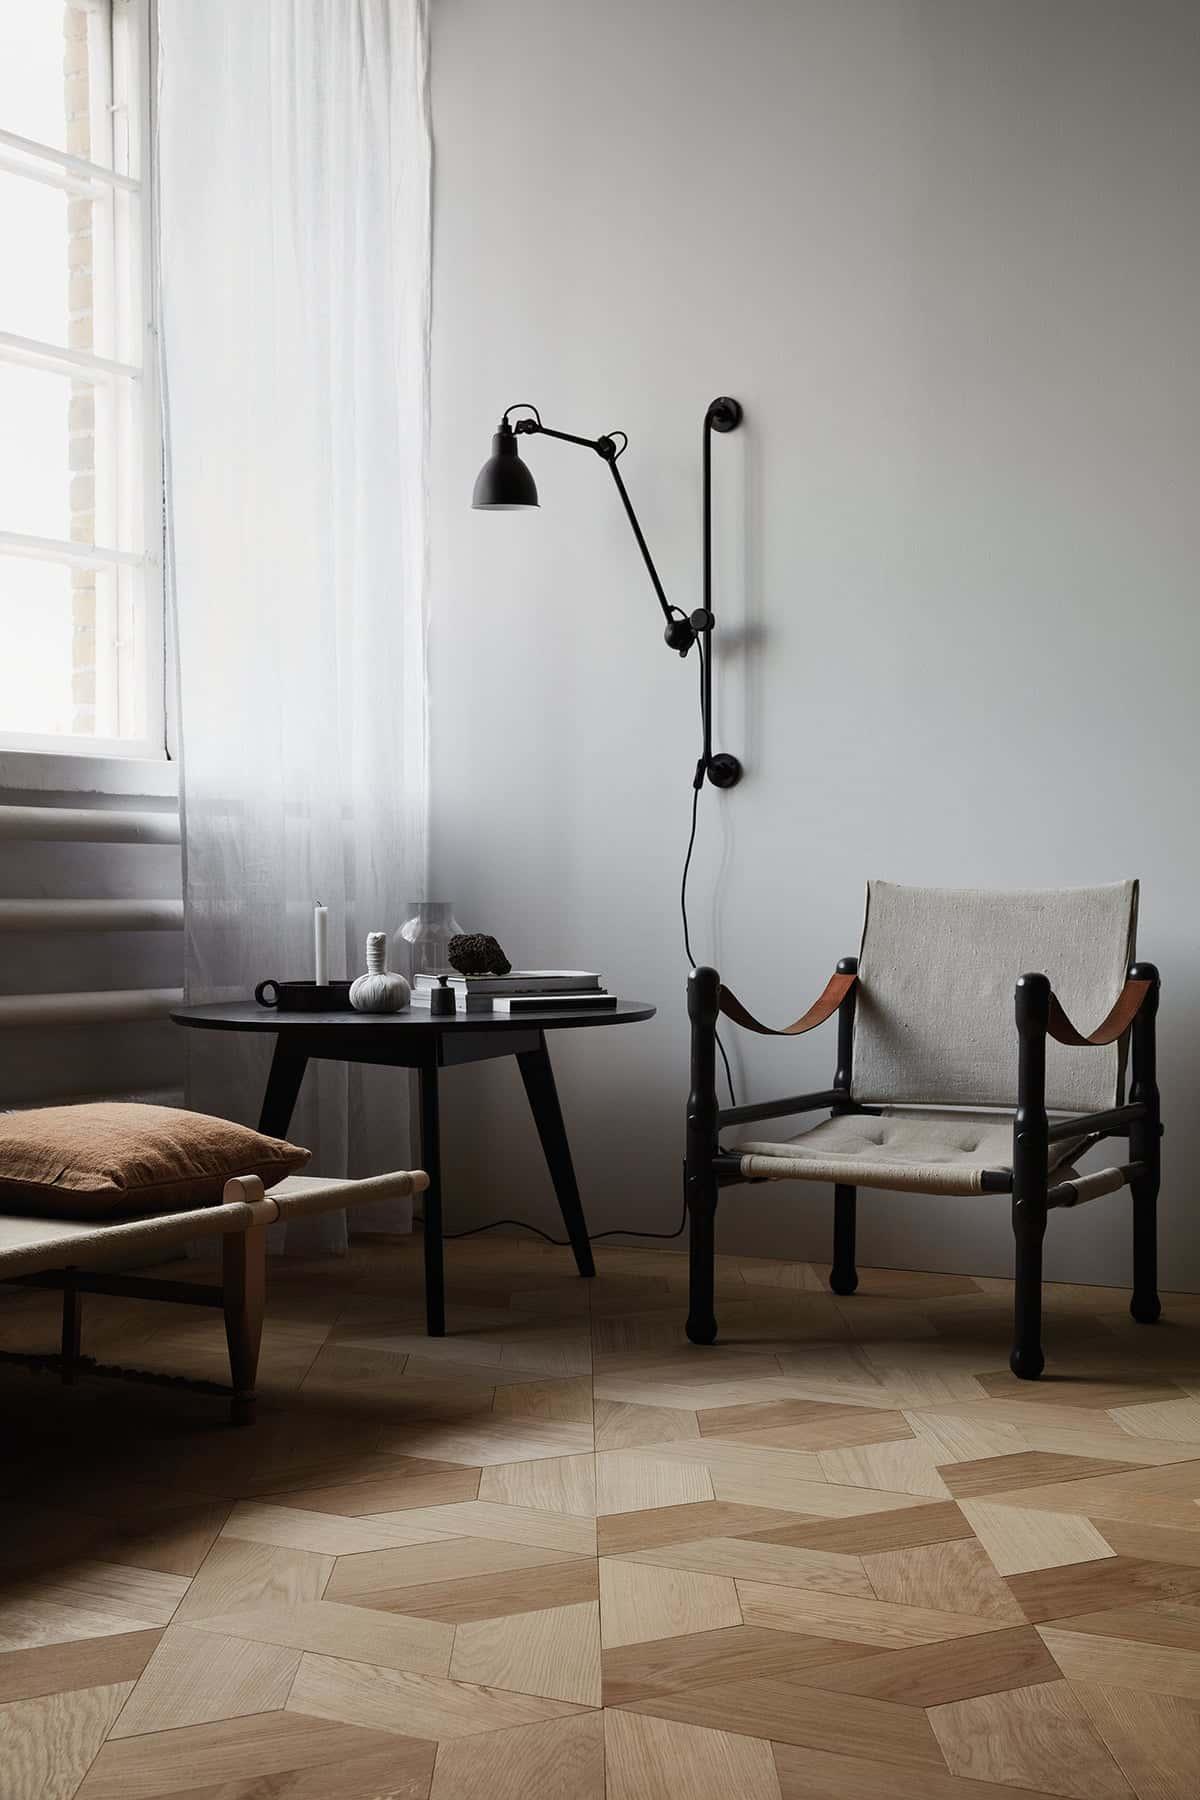 Timberwise-lankkuparketti-wooden floor-parketti-Oak-Tammi-Design-Parquet-K2-by-Harri-Koskinen_KOLMIO_netti